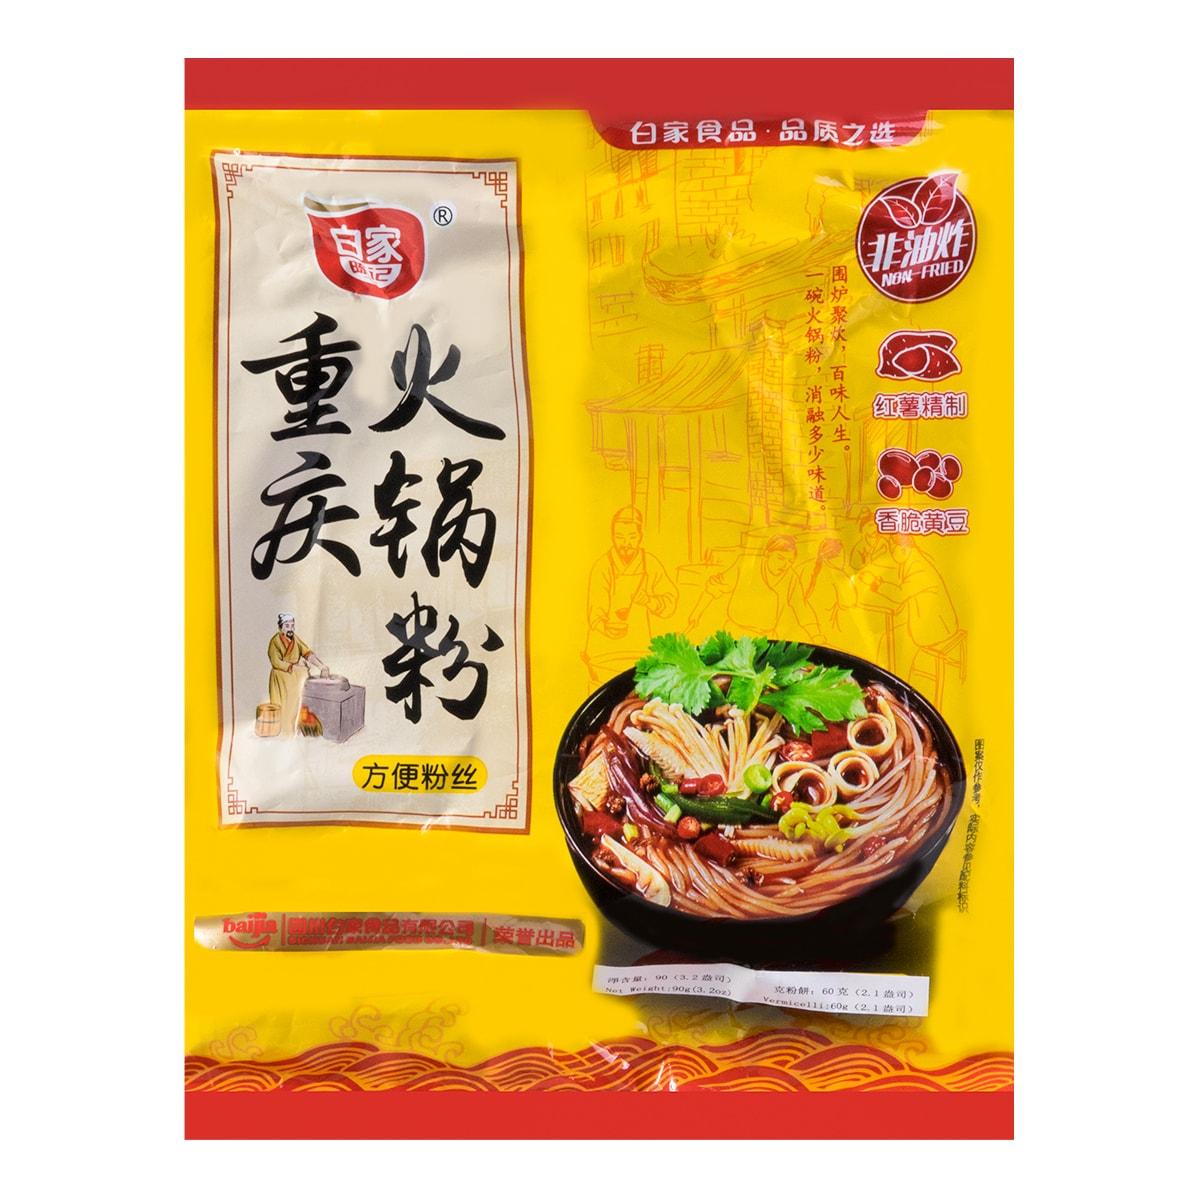 BAIJIA Hot Pot Instant Noodle 90g